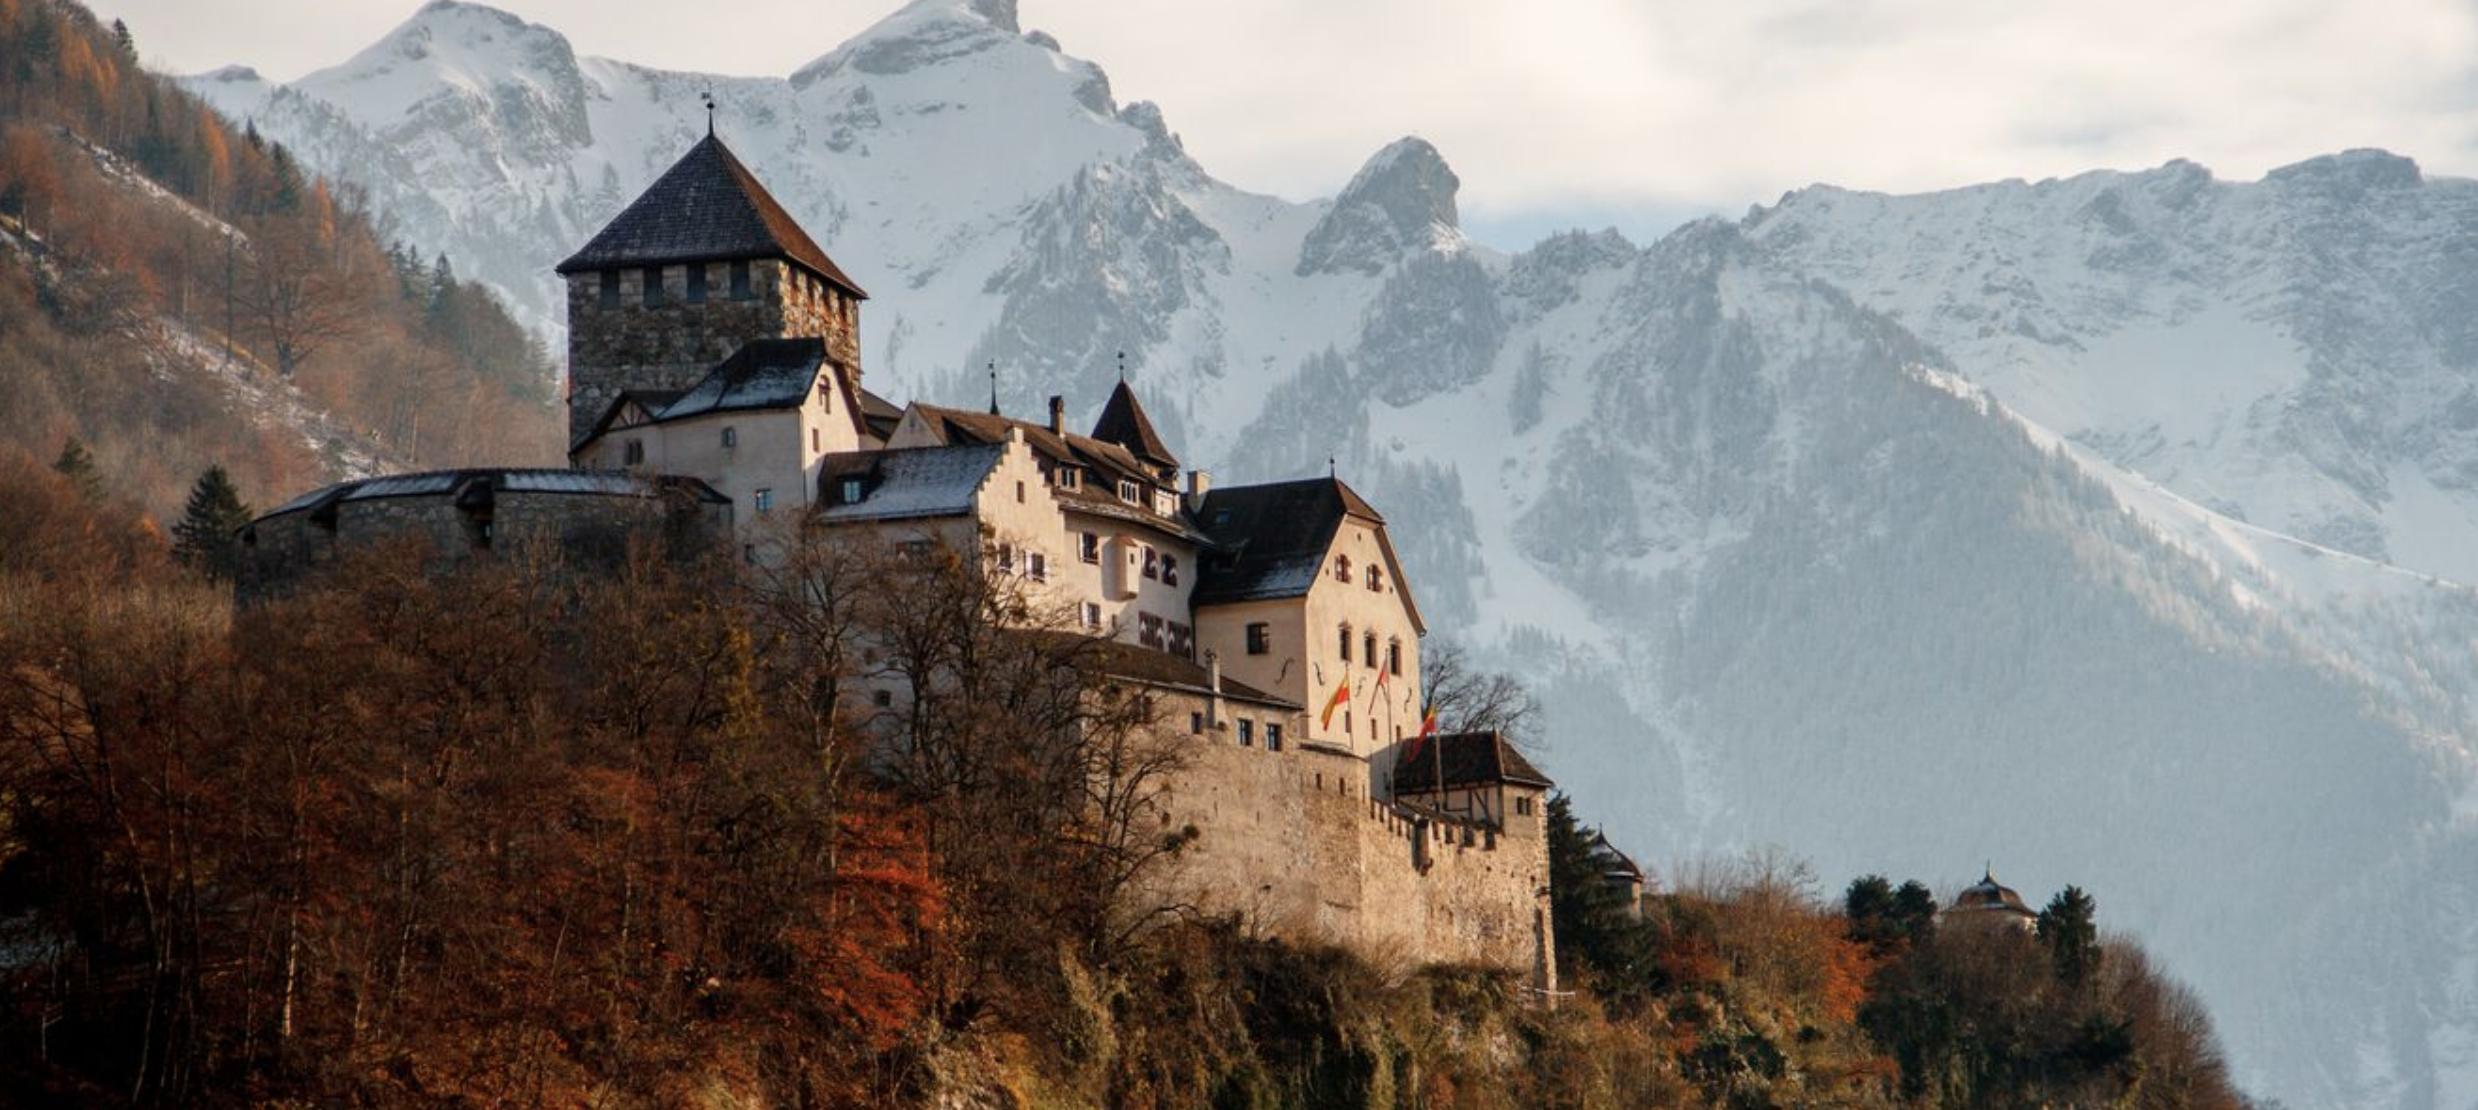 ۱۱ واقعیت جالب در مورد لیختن اشتاین؛ کشوری کوچک در اروپا که بدهی و فرودگاه ندارد